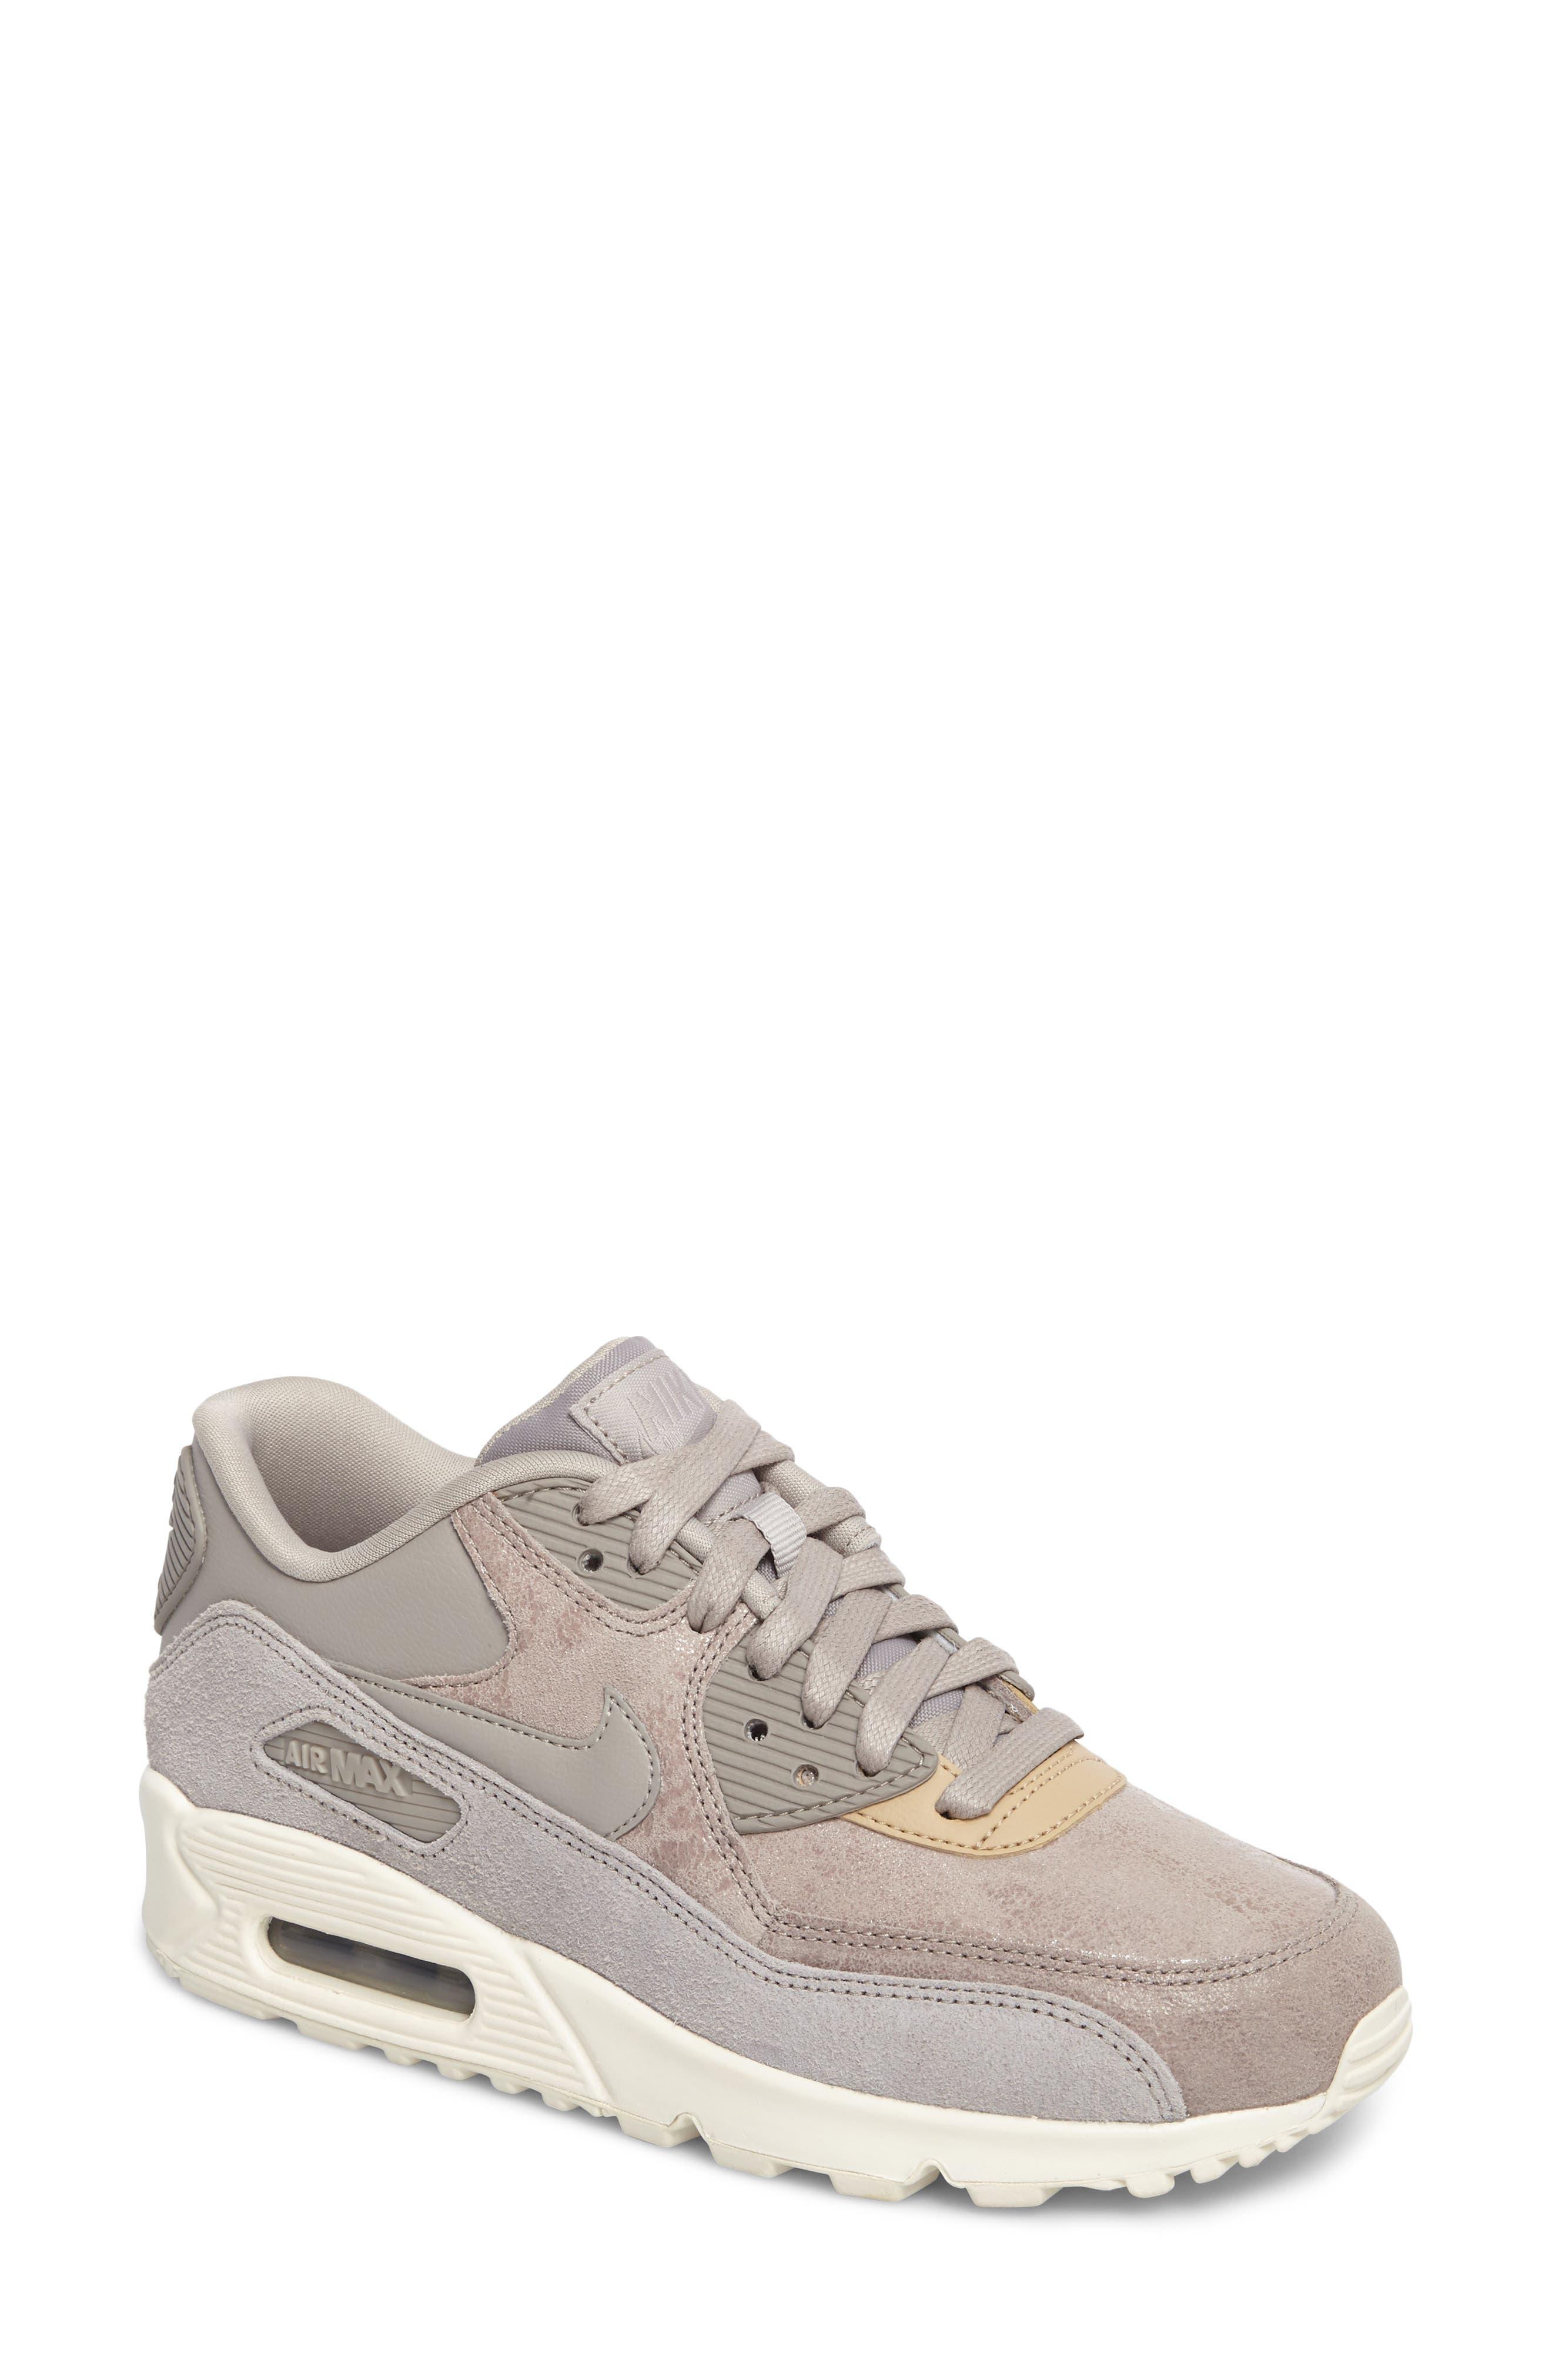 Air Max 90 Premium Sneaker,                         Main,                         color, 020